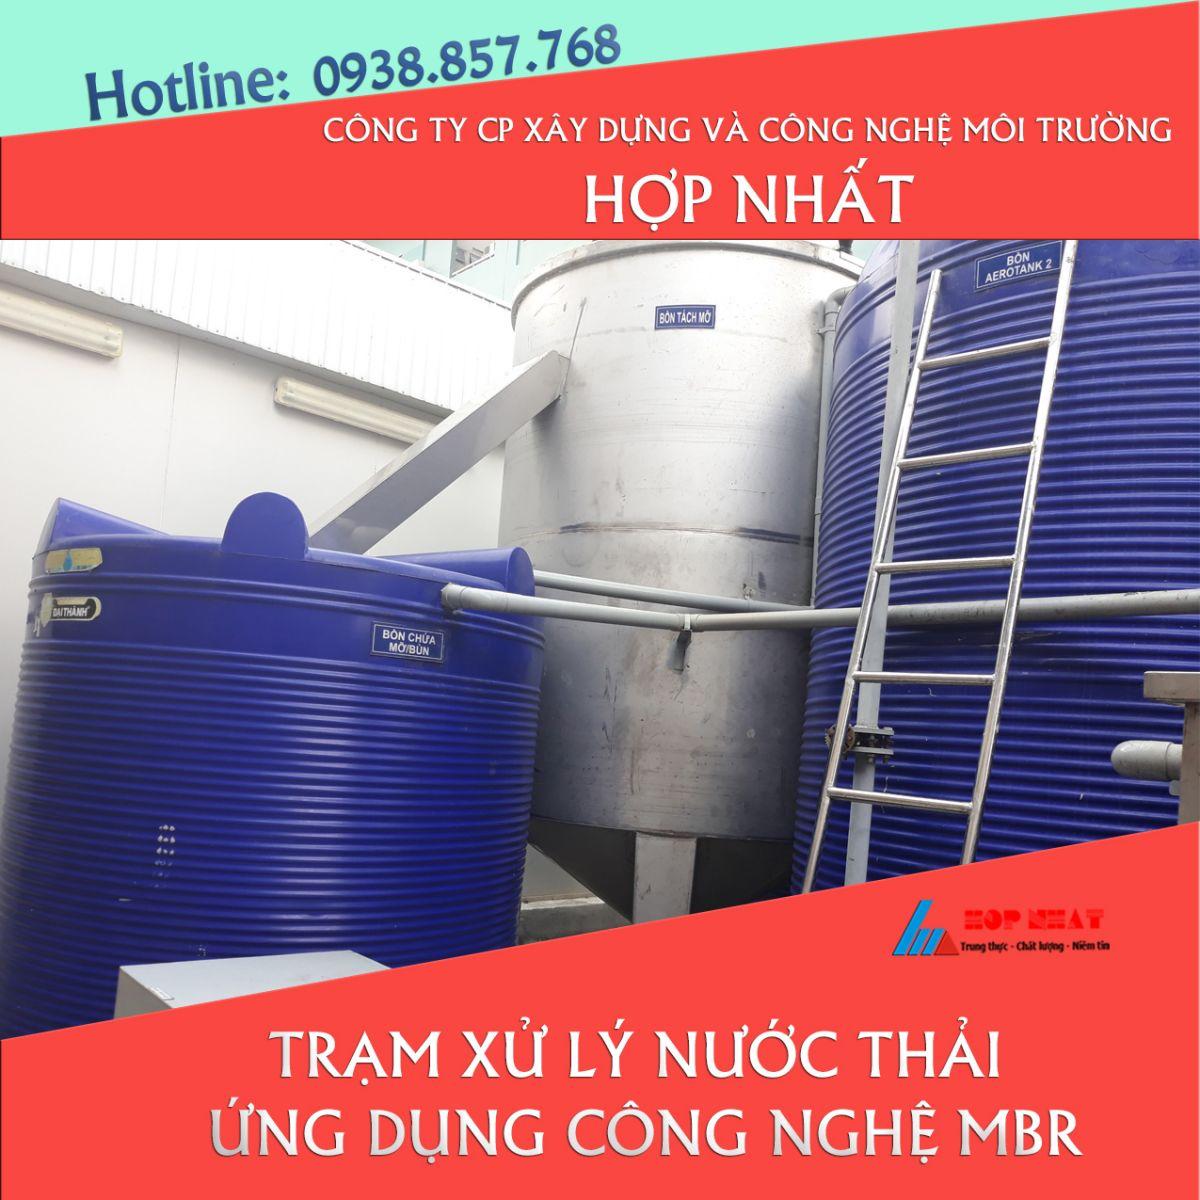 Trạm xử lý nước thải ứng dụng công nghệ MBR